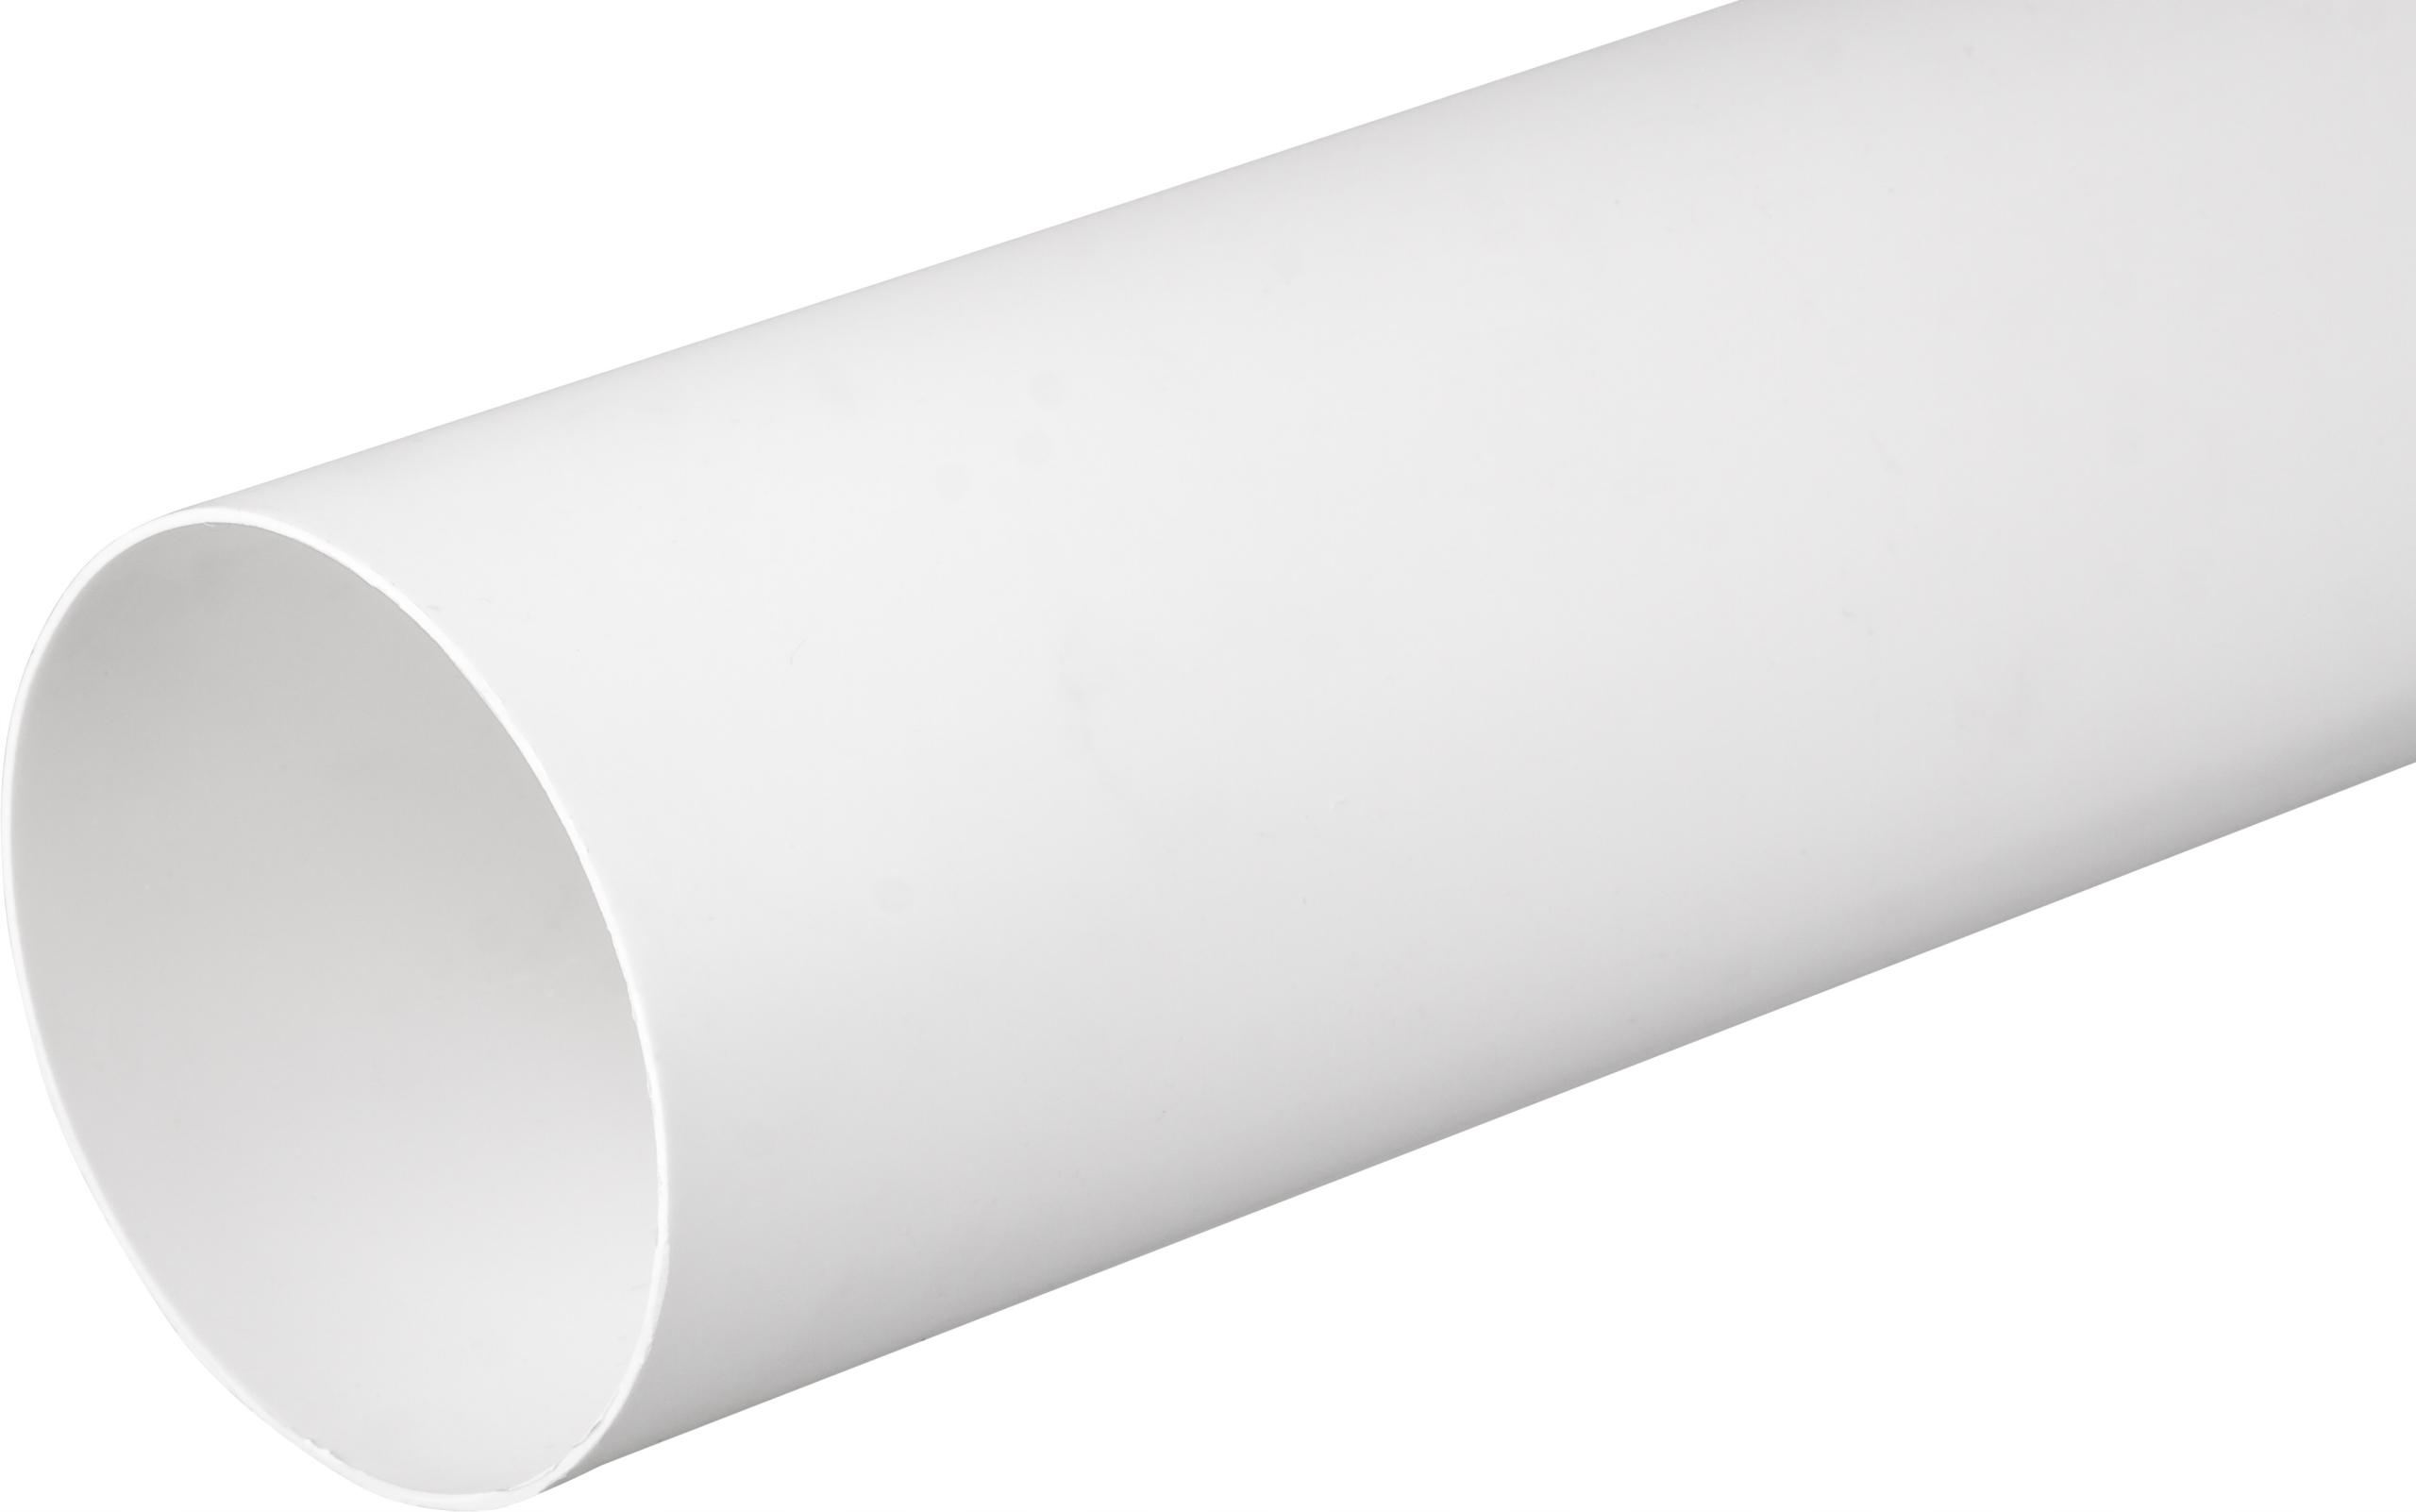 Kanał wentylacyjny okrągły FI100 0,5m